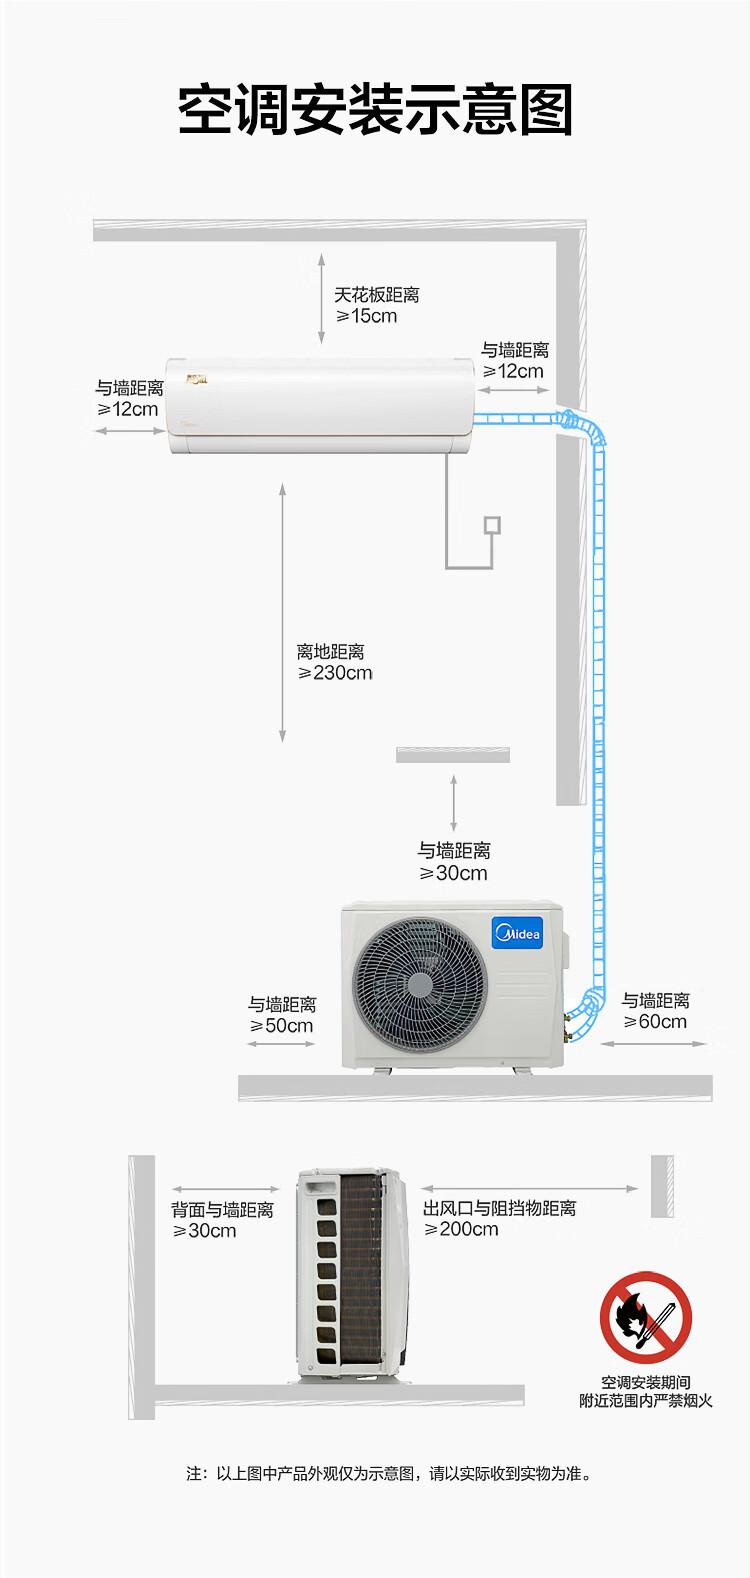 美的KFR-26GW/WDAD3(智弧壁挂式1P空调)产品介绍: